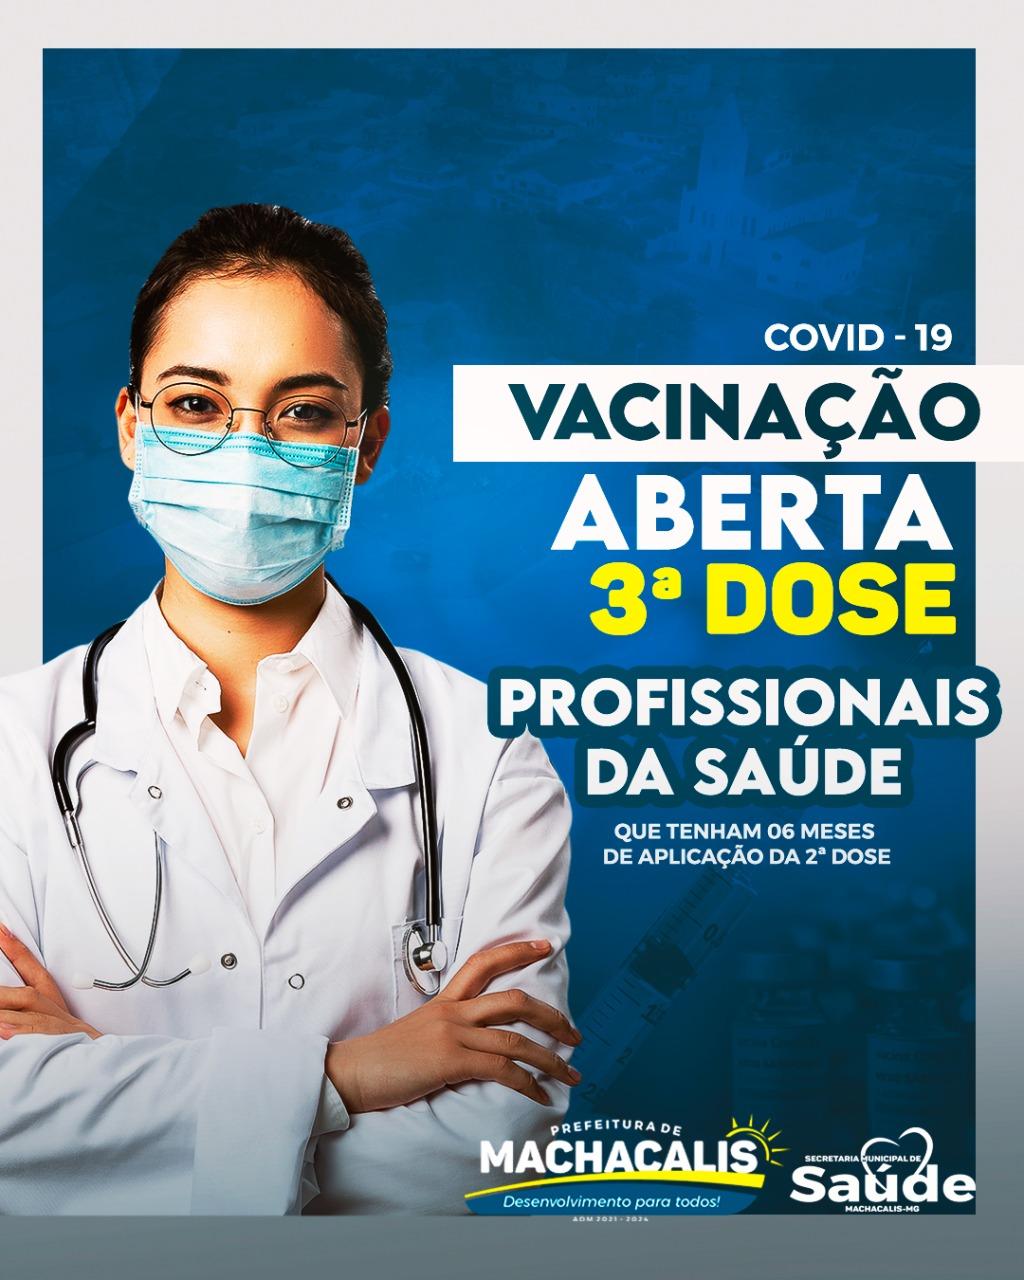 VACINAÇÃO ABERTA 3ª DOSE PARA PROFISSIONAIS DE SAÚDE